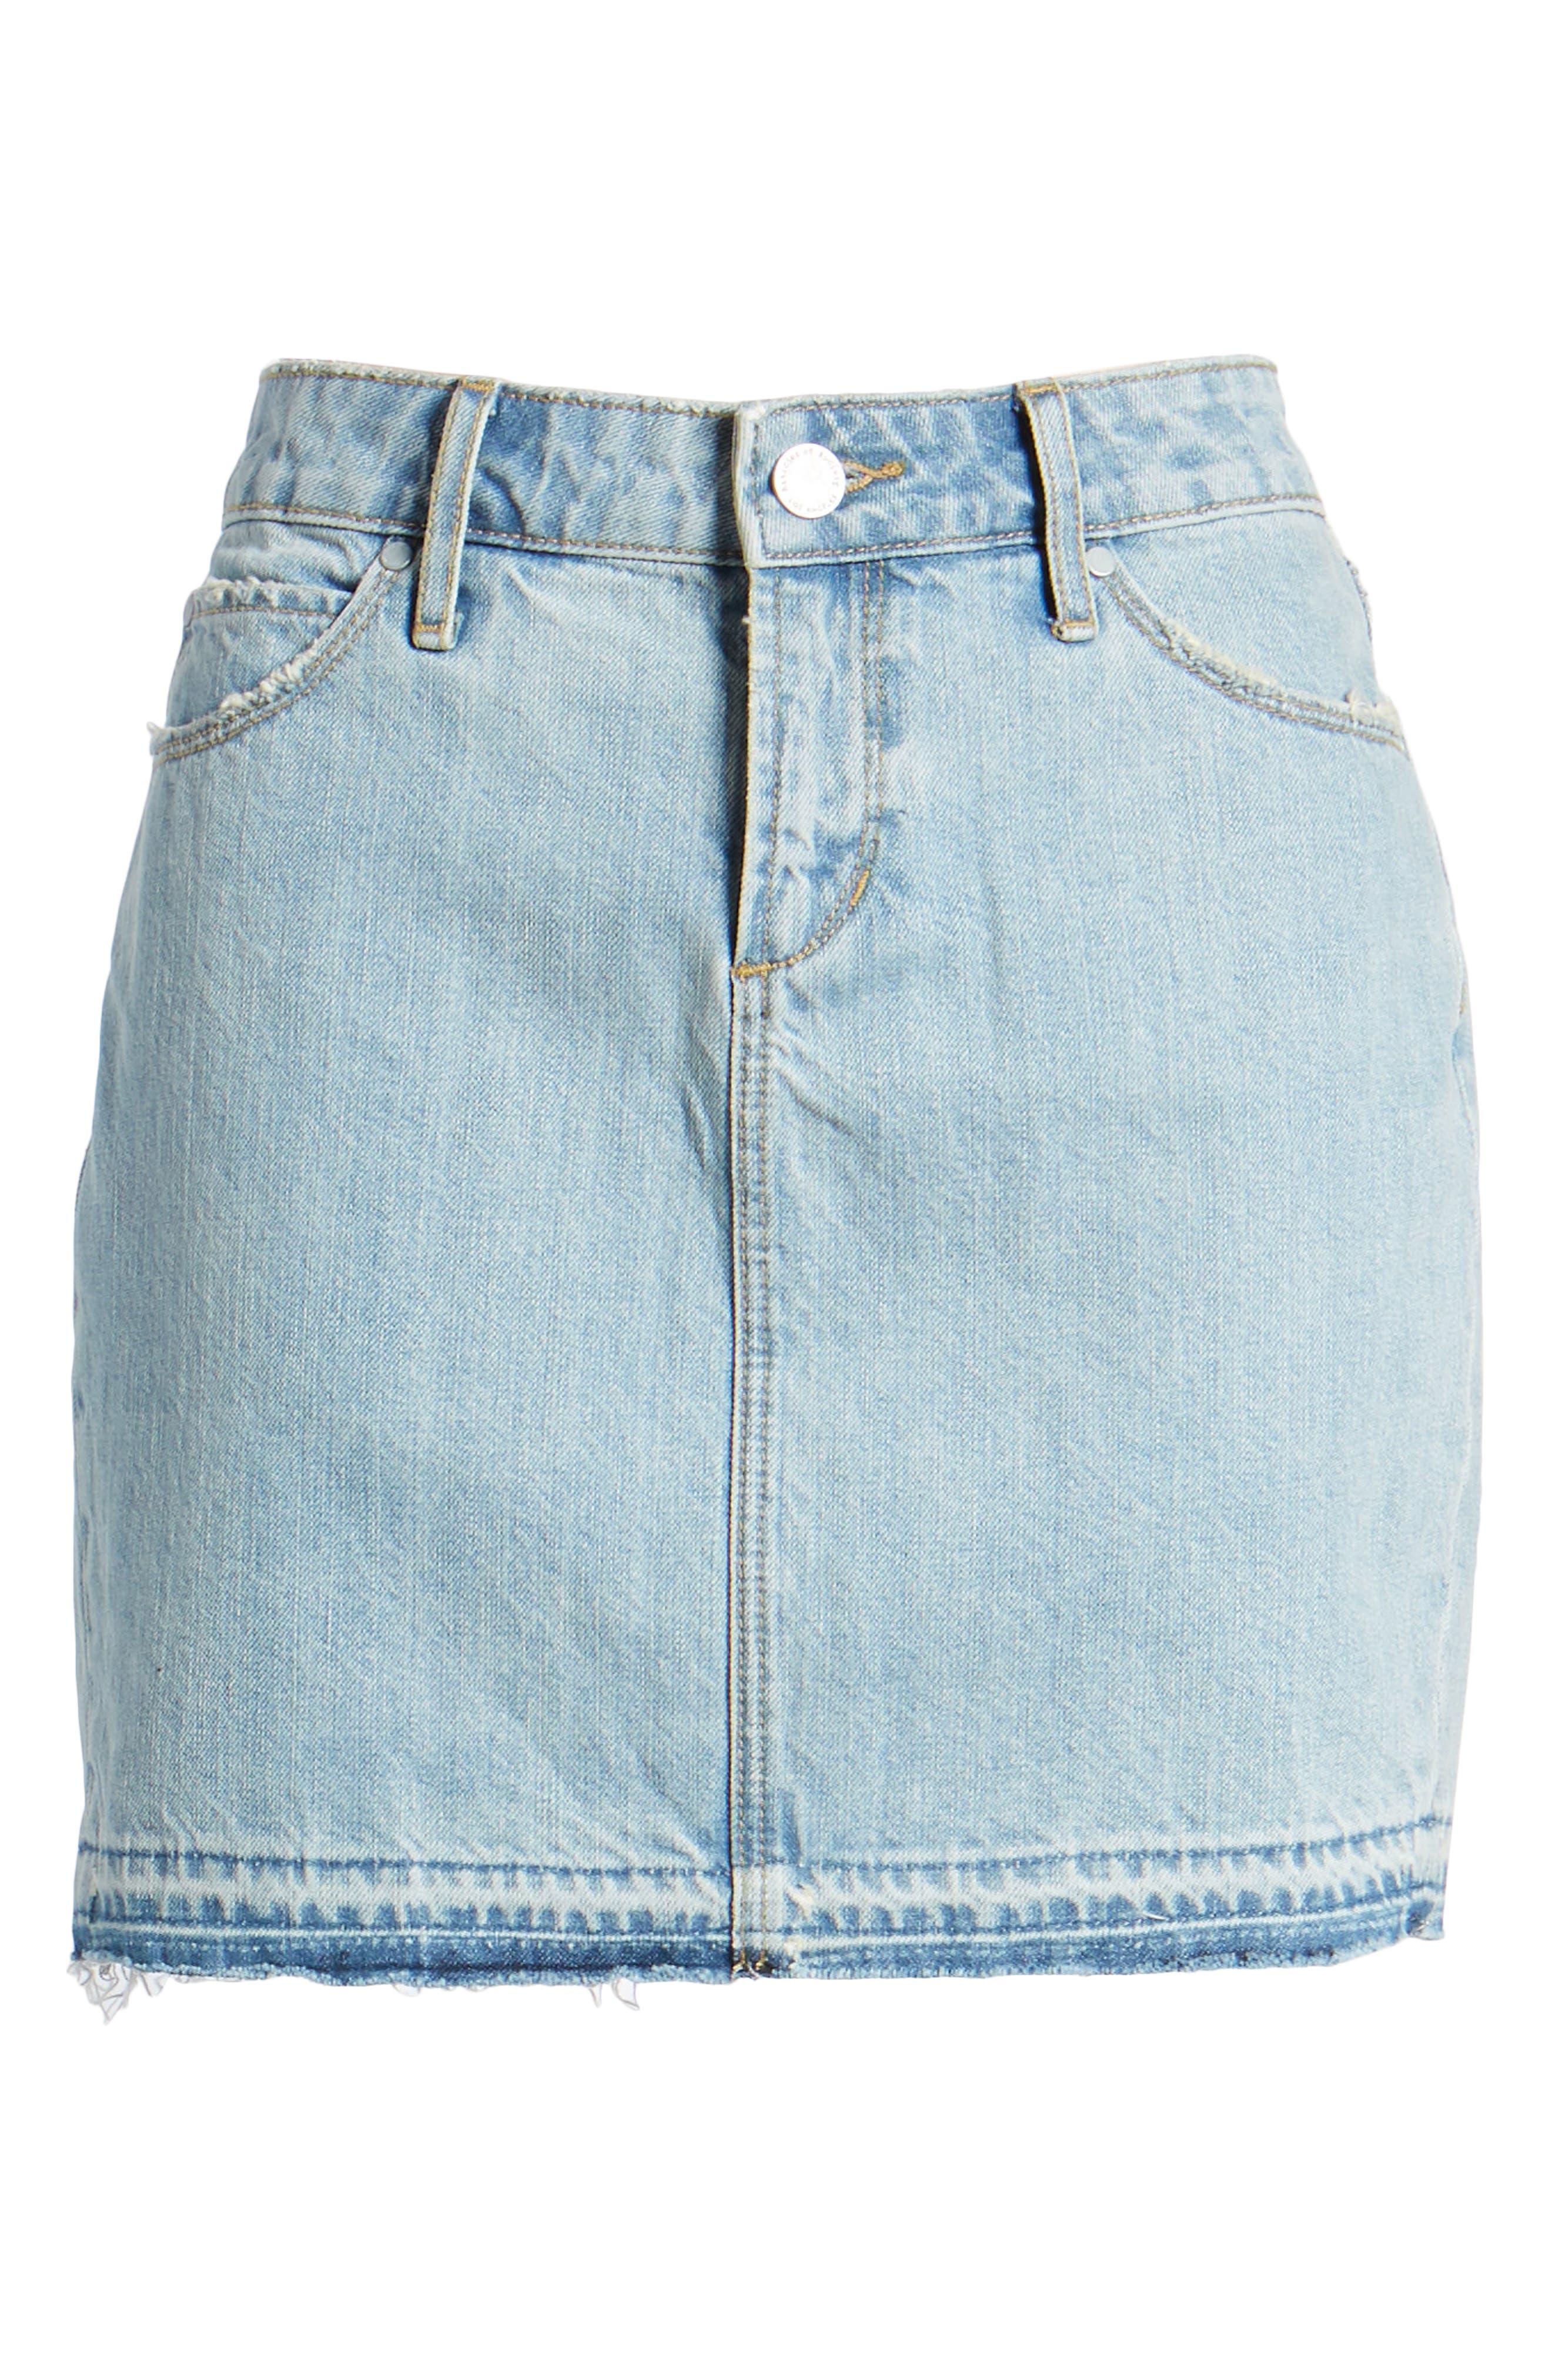 Stacy Release Hem Denim Skirt,                             Alternate thumbnail 7, color,                             Reims